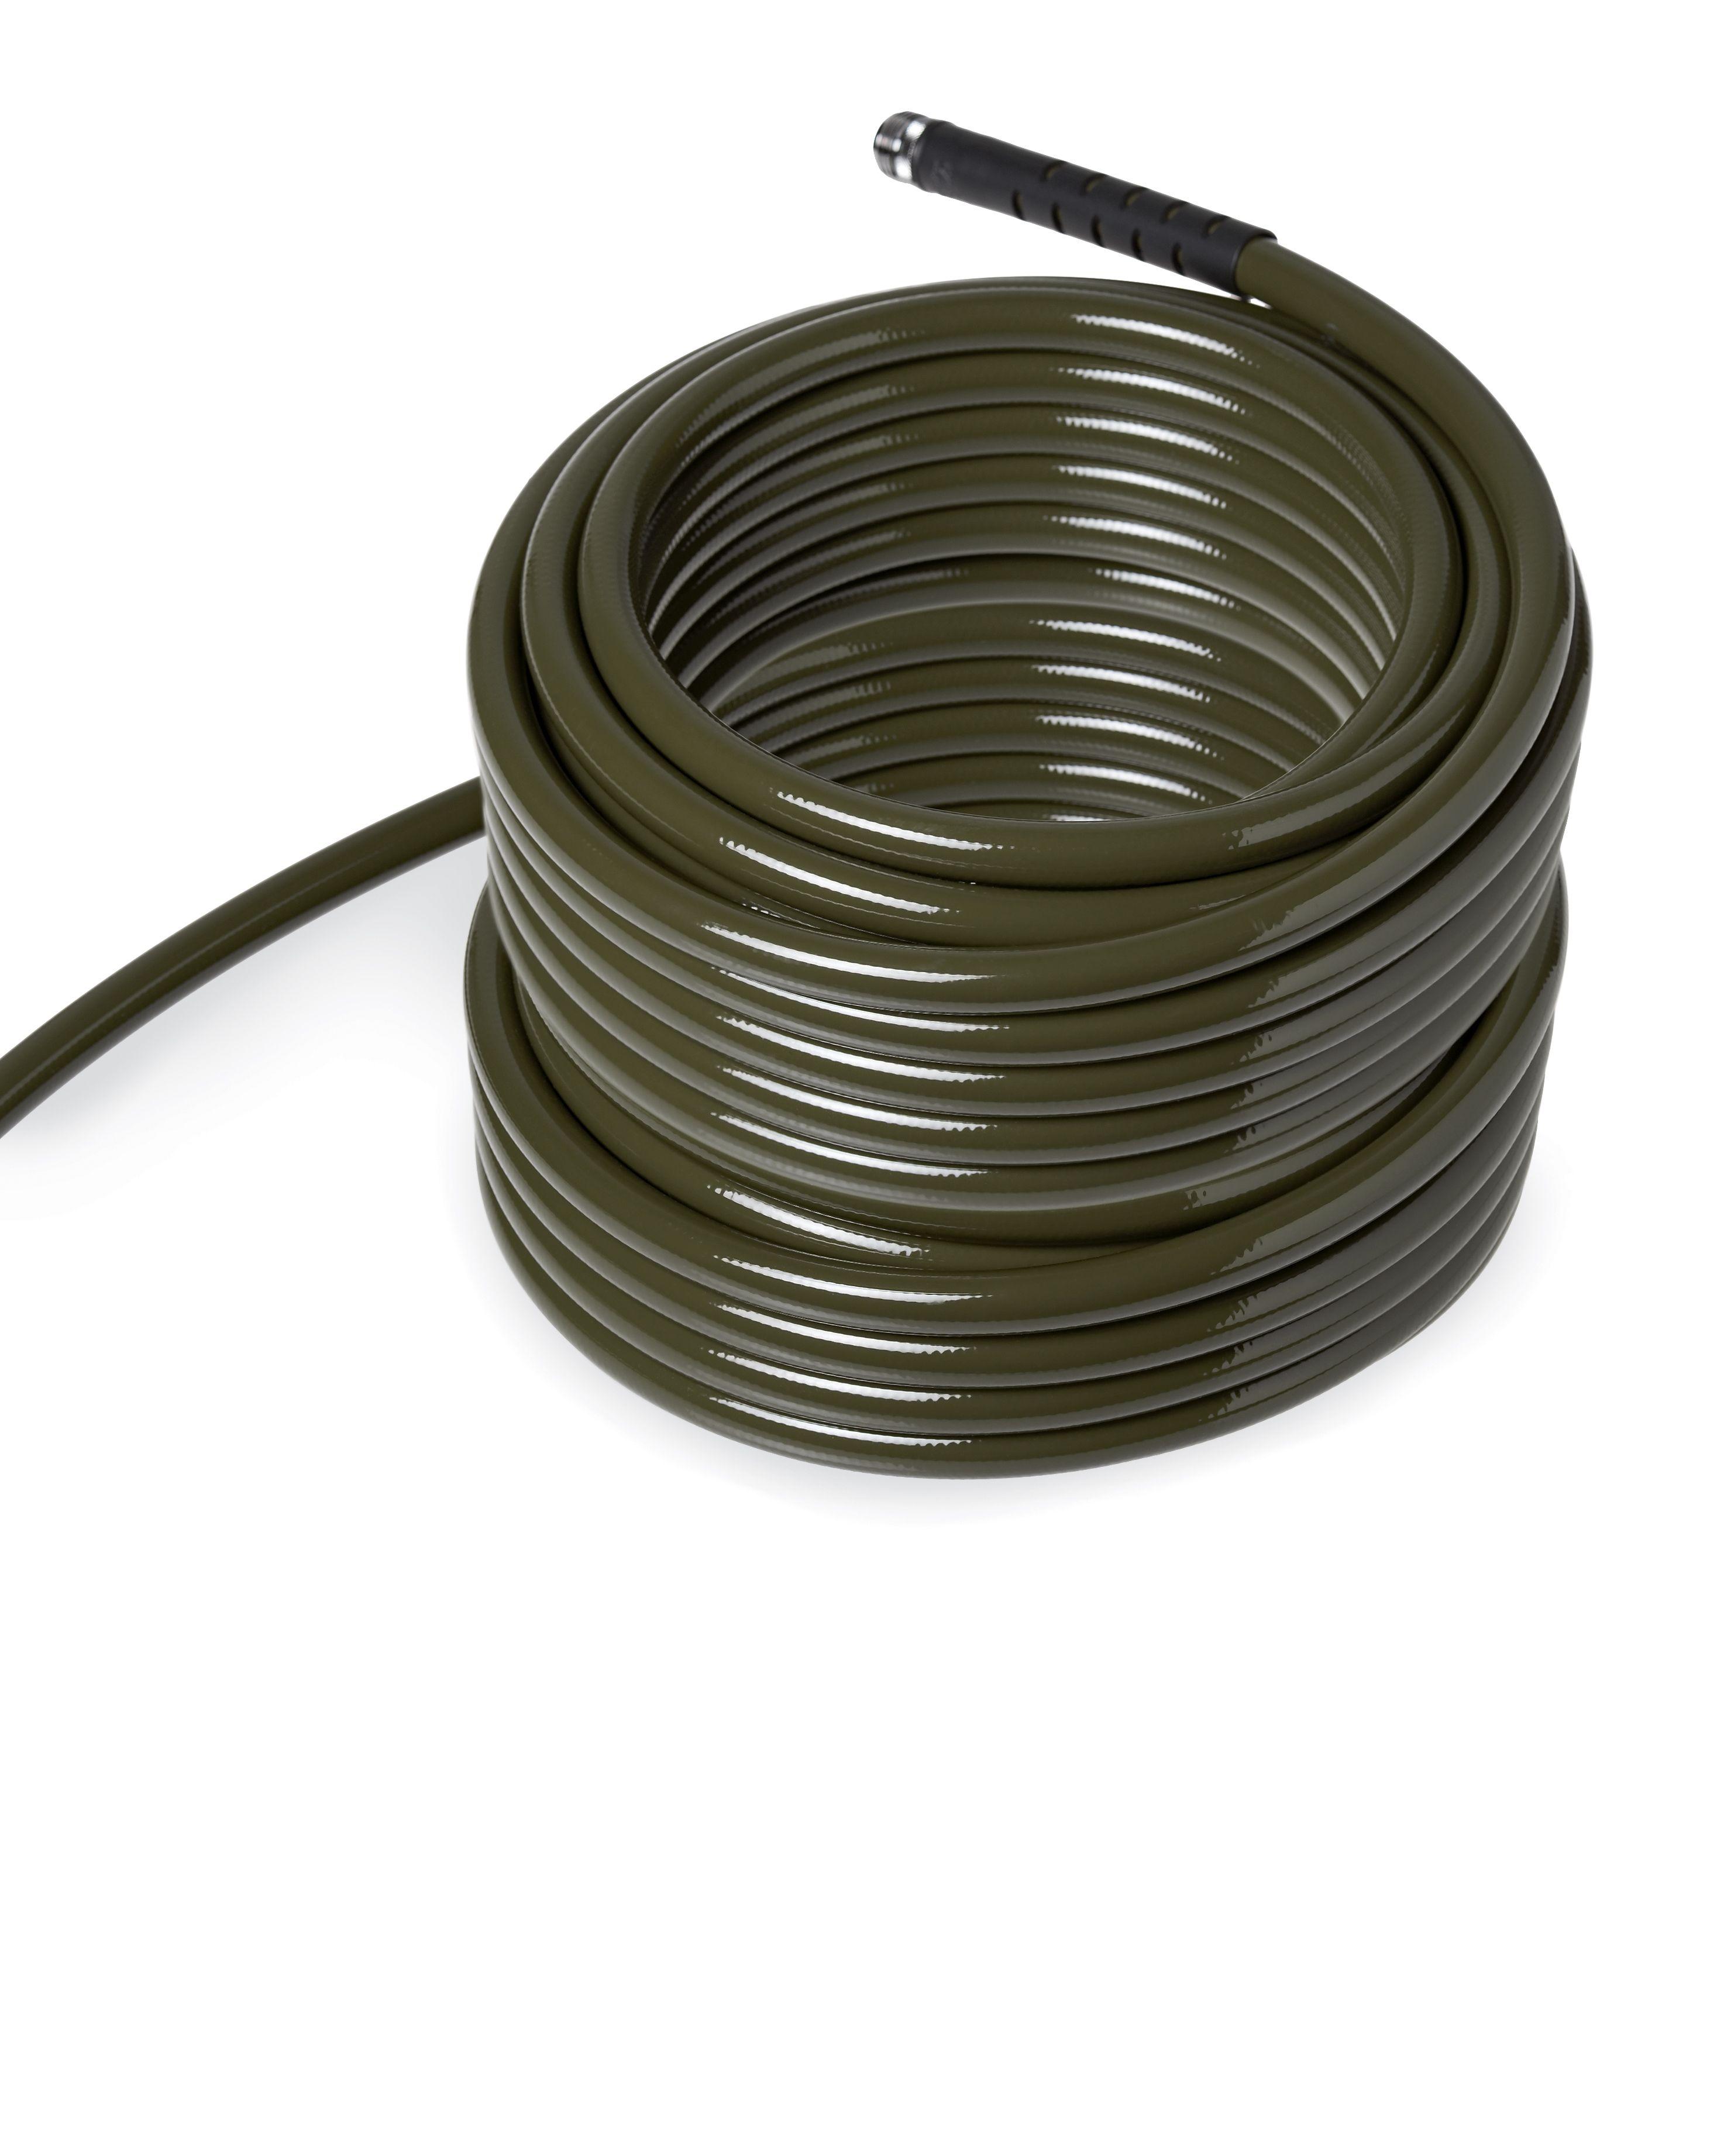 """Lifetime 5/8"""" Hose, 100\'   Garden hose   Pinterest   Garden hose and ..."""